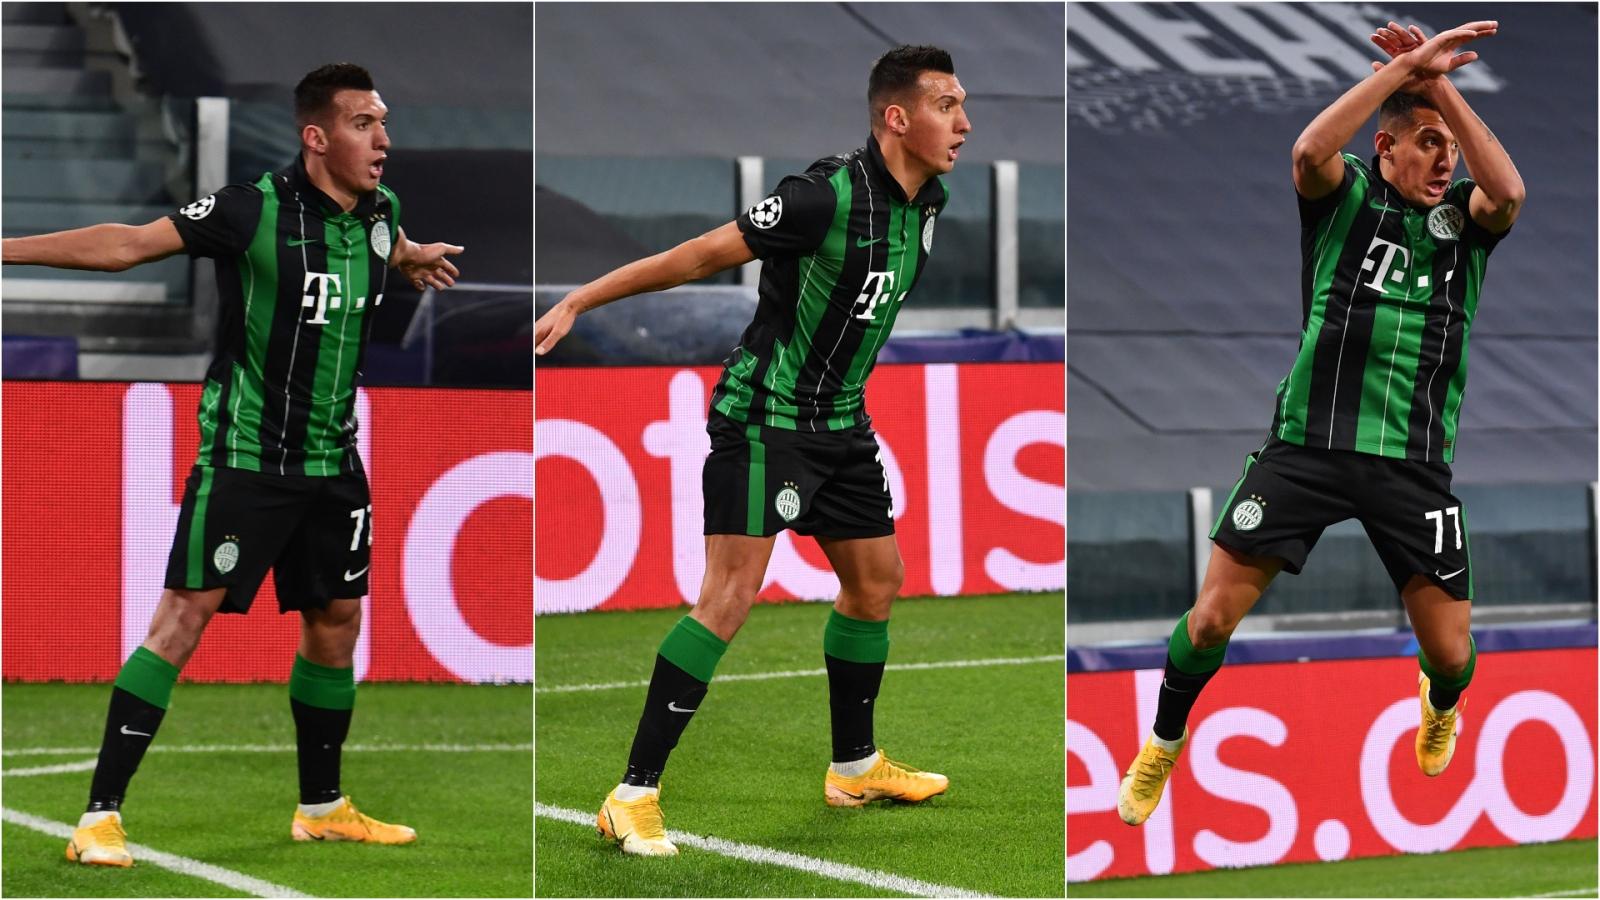 Đối thủ ăn mừng theo phong cách CR7 ngay trước mắt Cristiano Ronaldo